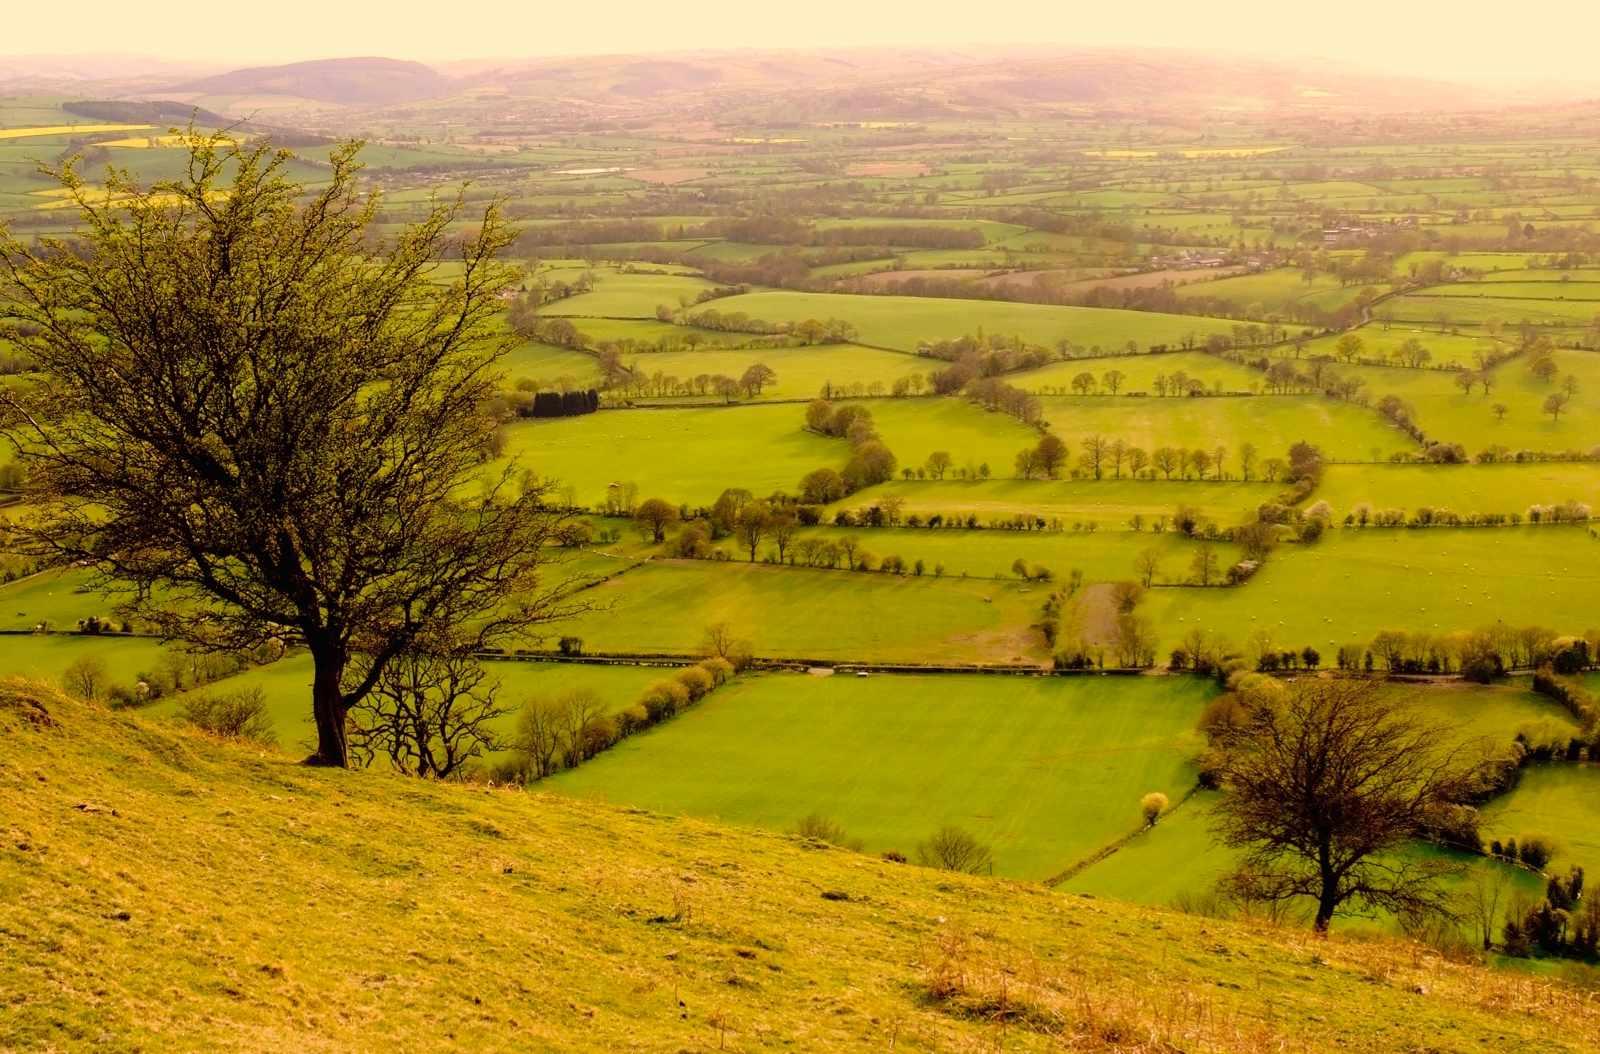 Church-Stretton-landscape-d7f1a58